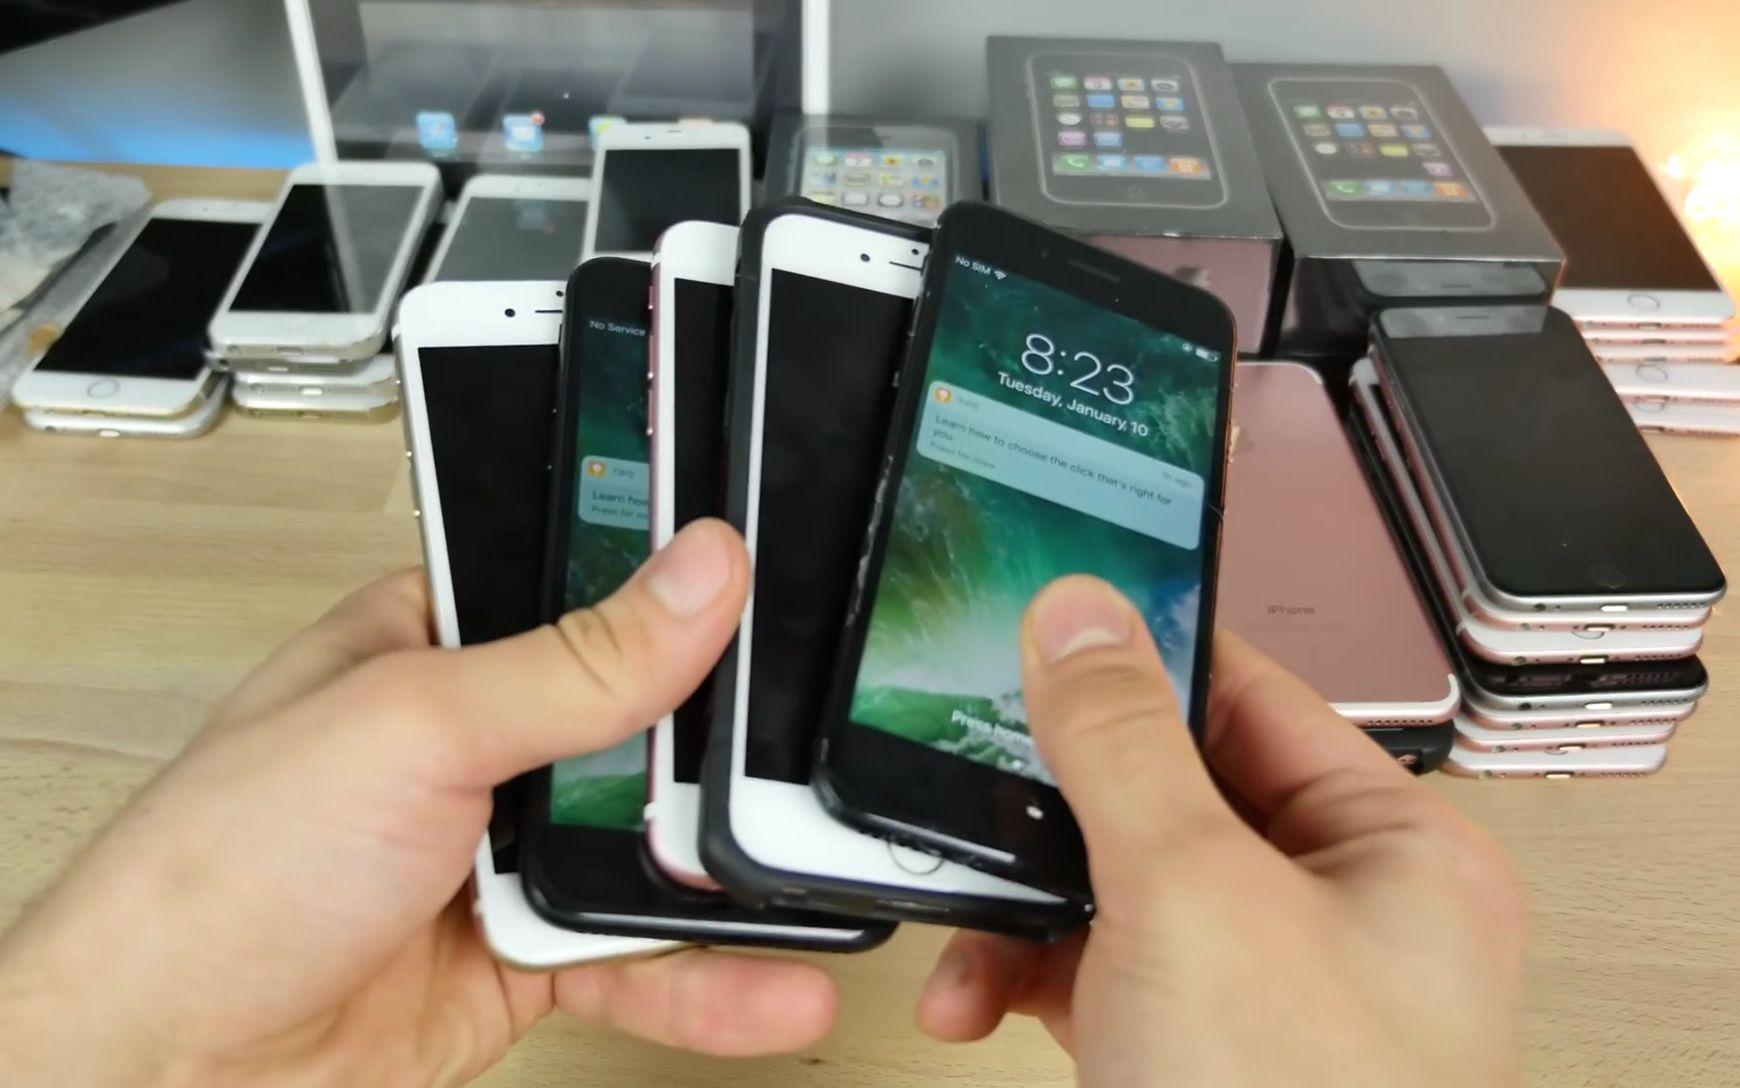 苹果youtube主播展示拆封的收藏土豪手机!未所有的iphone2g到7p!曲手机铃声嗨图片